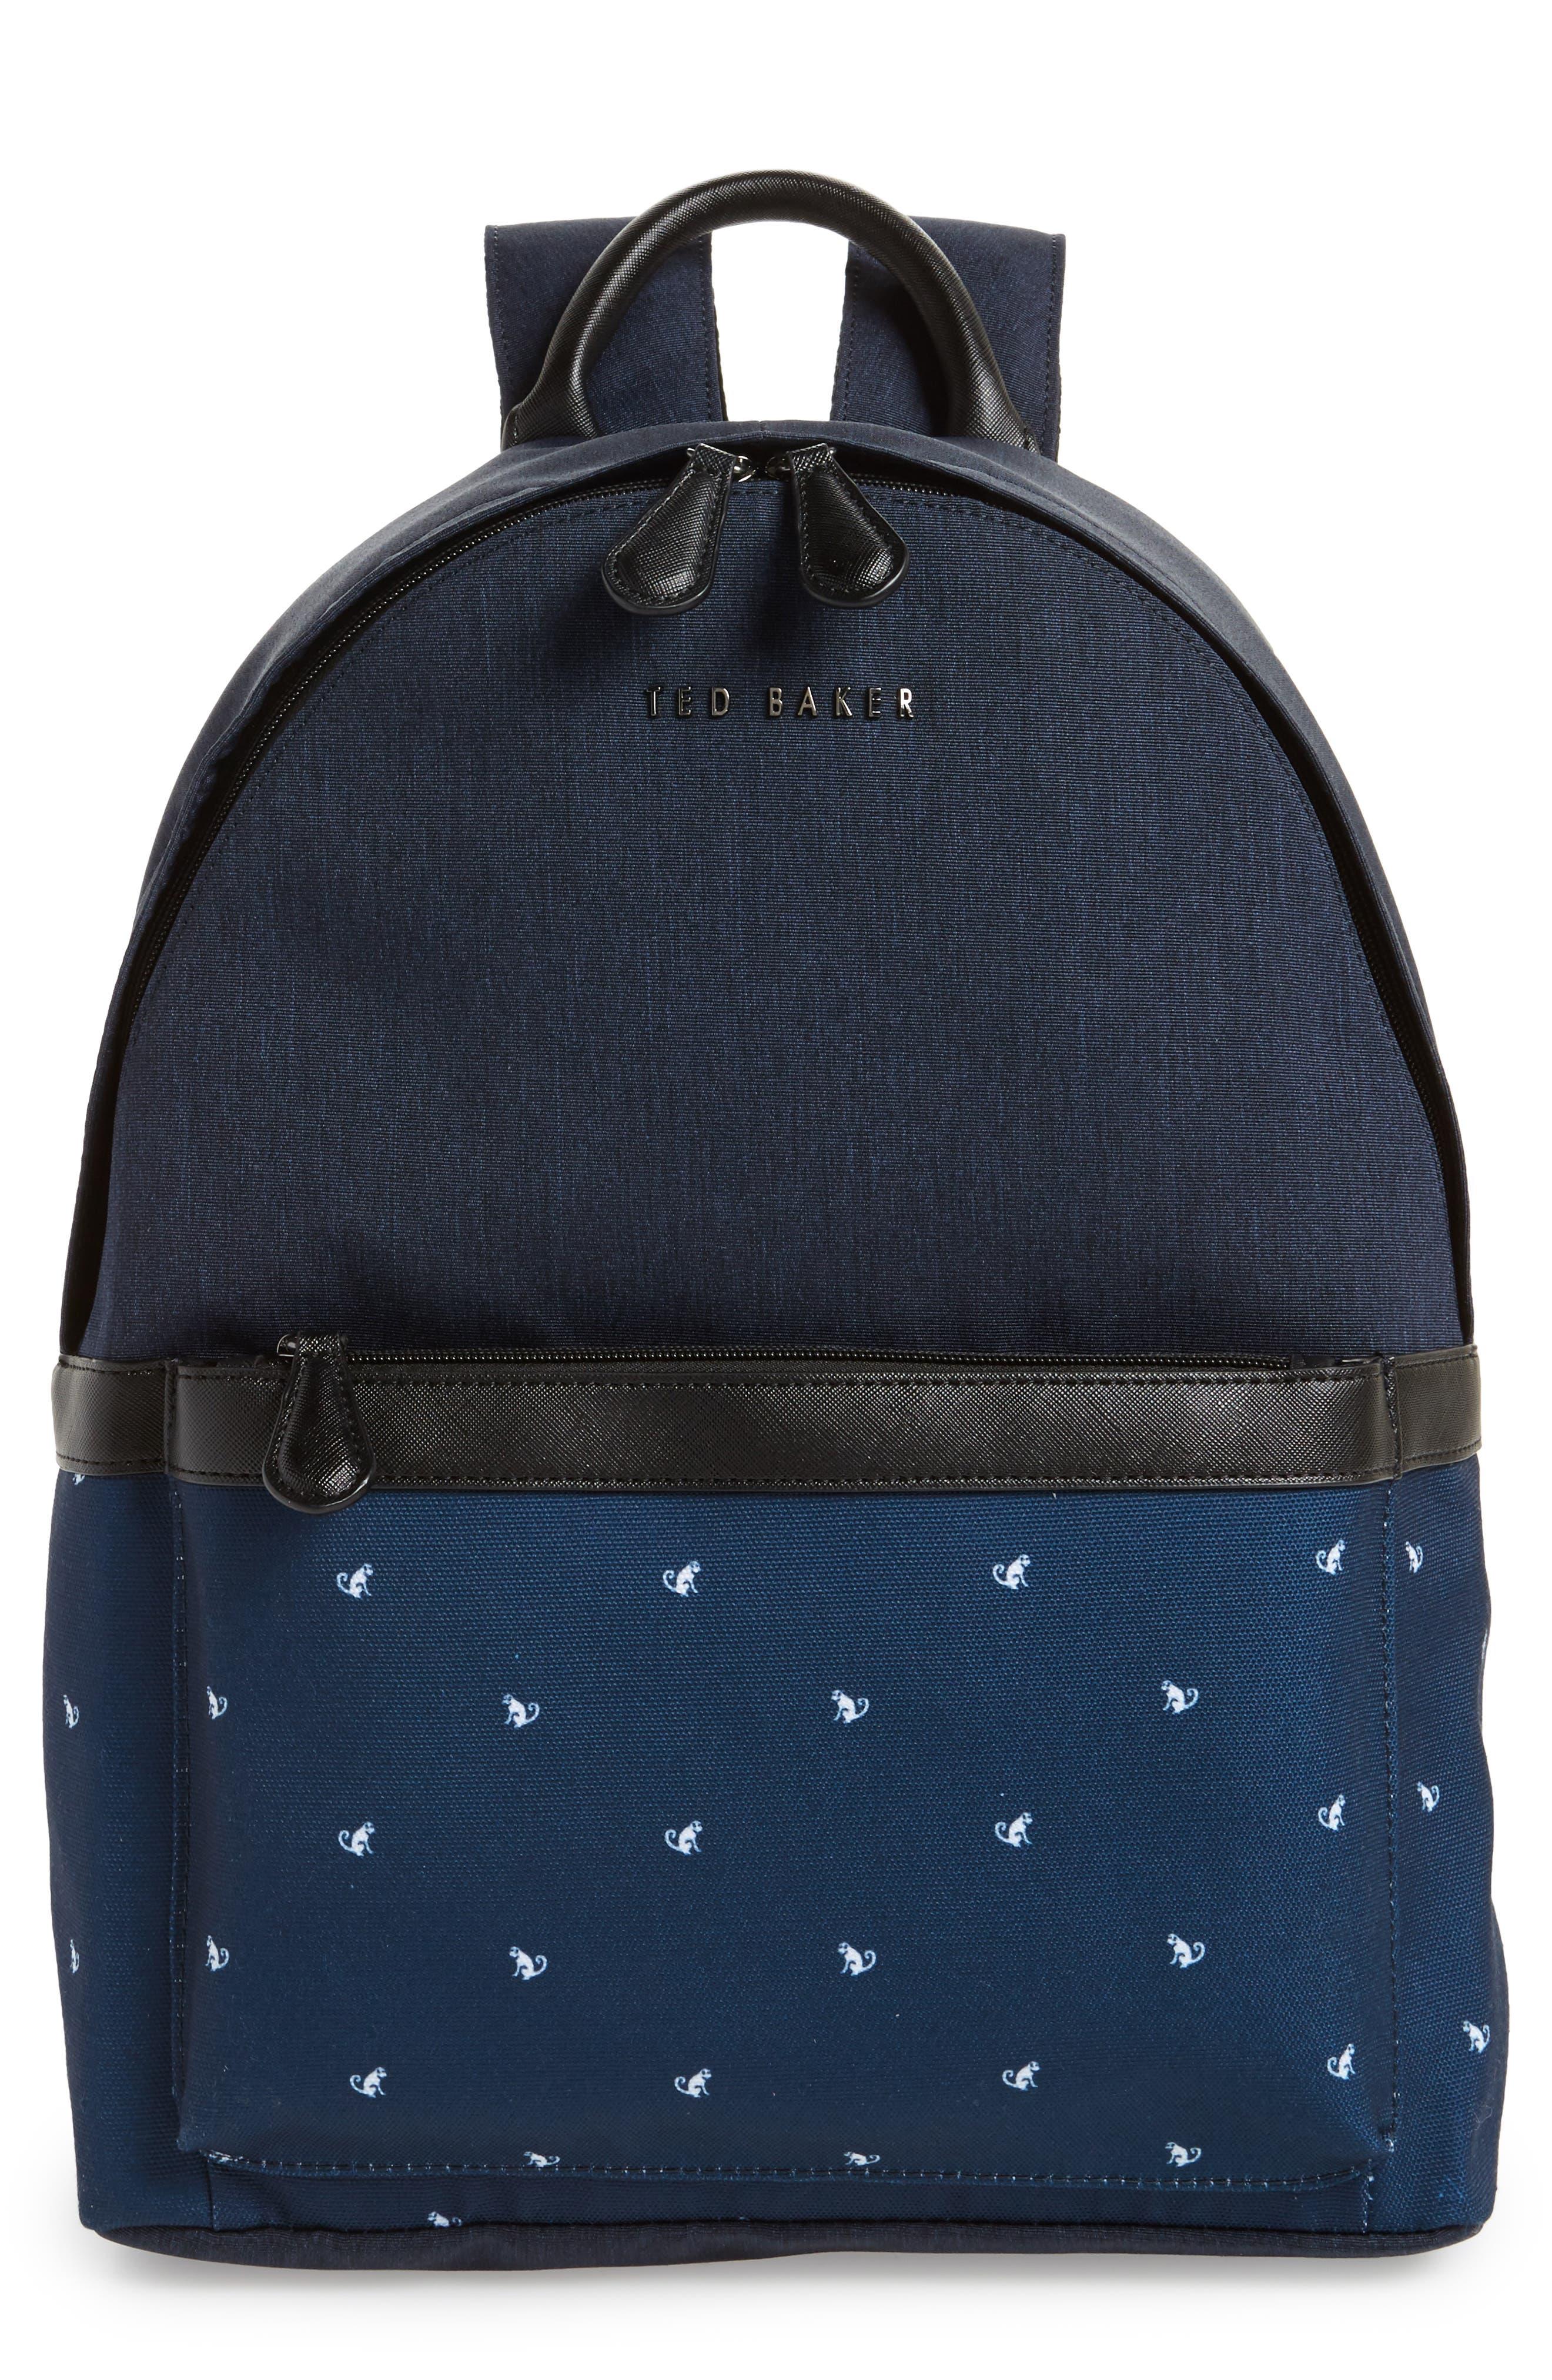 Mangoo Backpack,                         Main,                         color, Navy